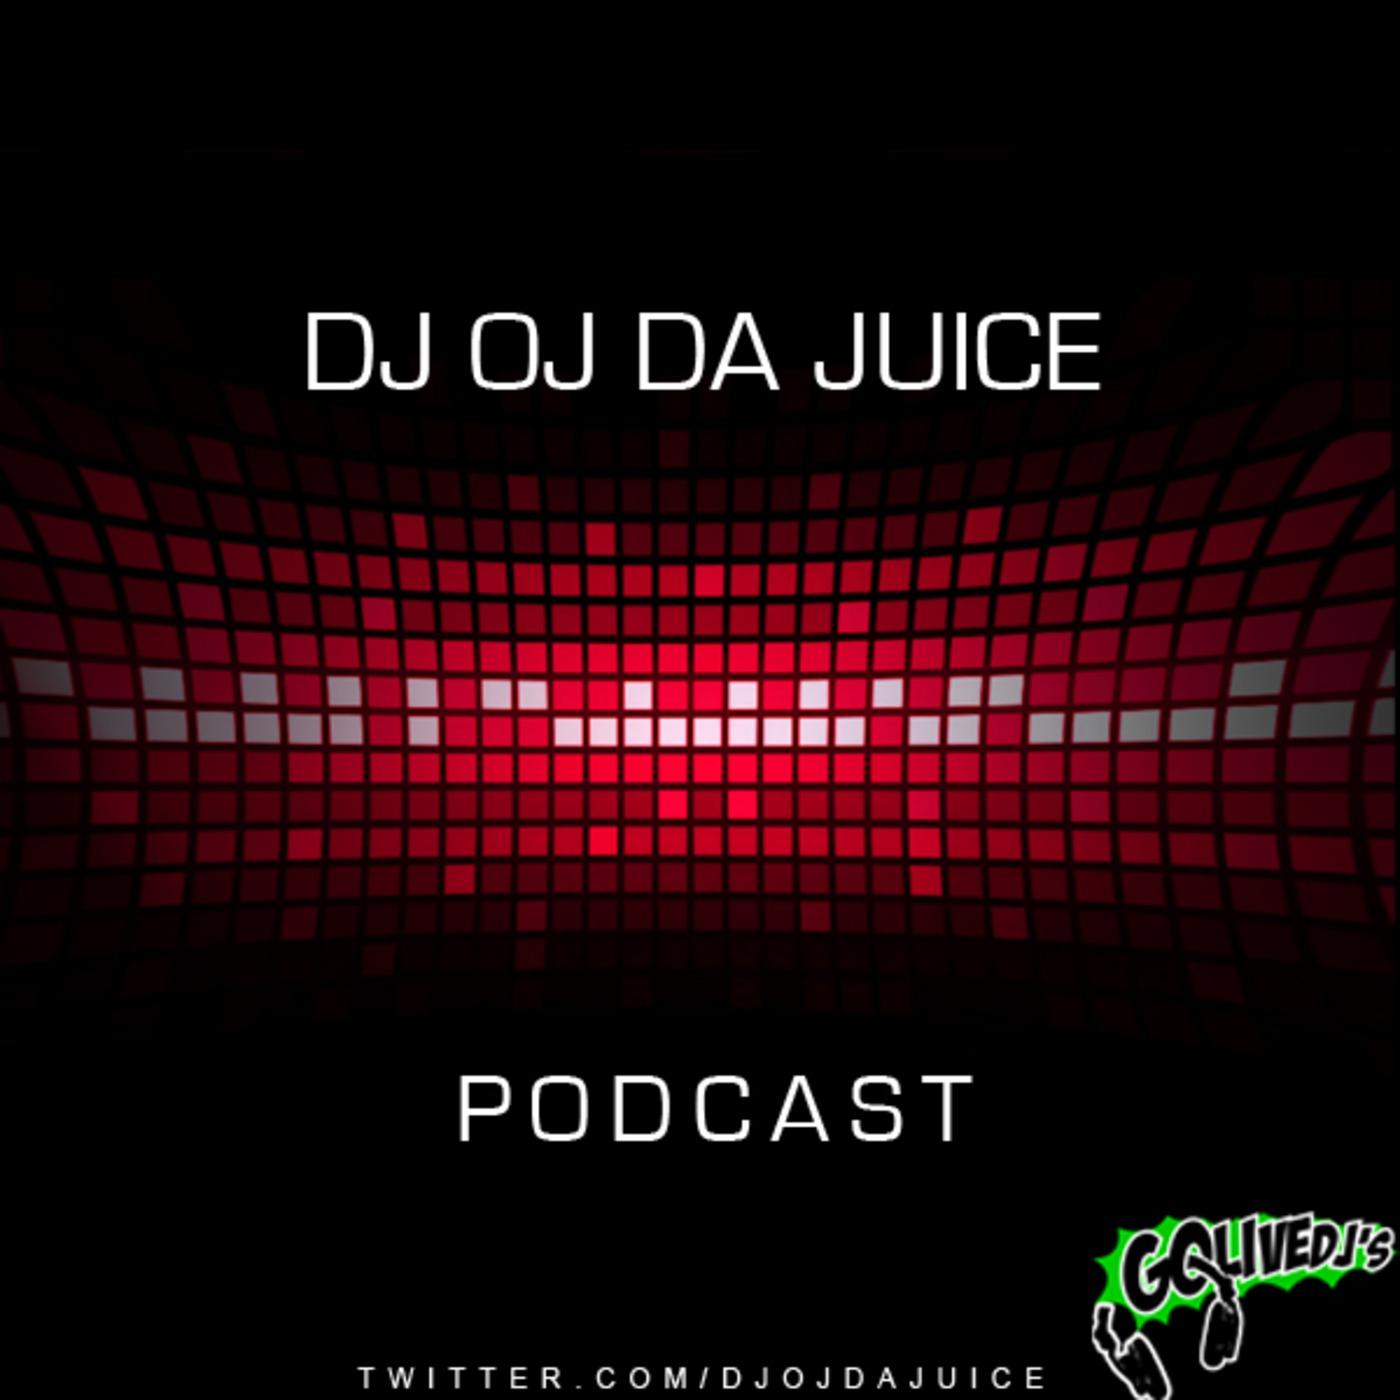 DJ OJ DA JUICE's Podcast